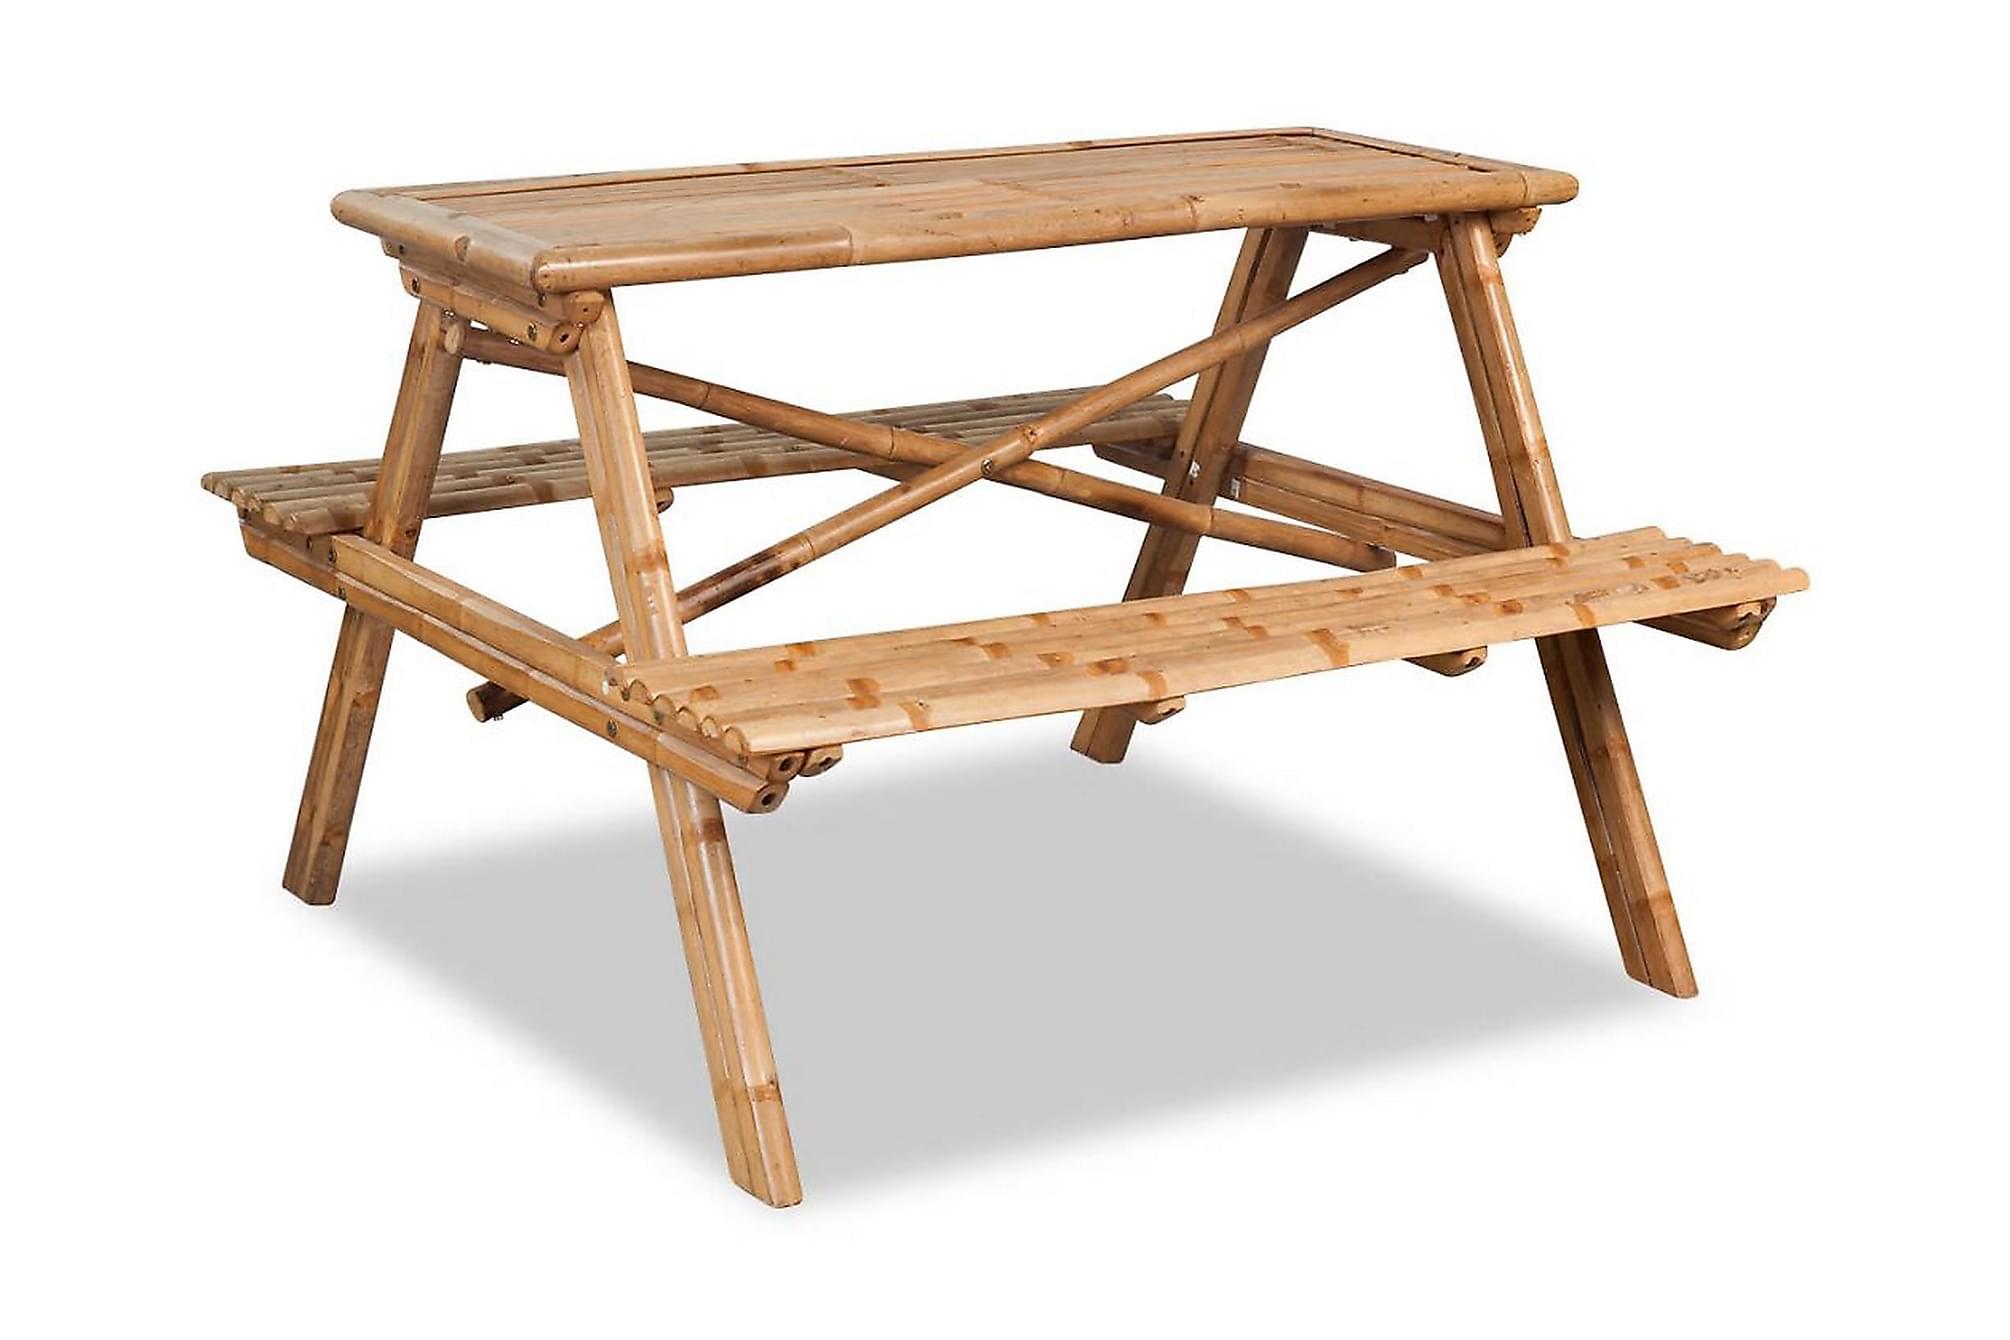 Picknickbord 120x120x78 cm bambu, Picknickbord